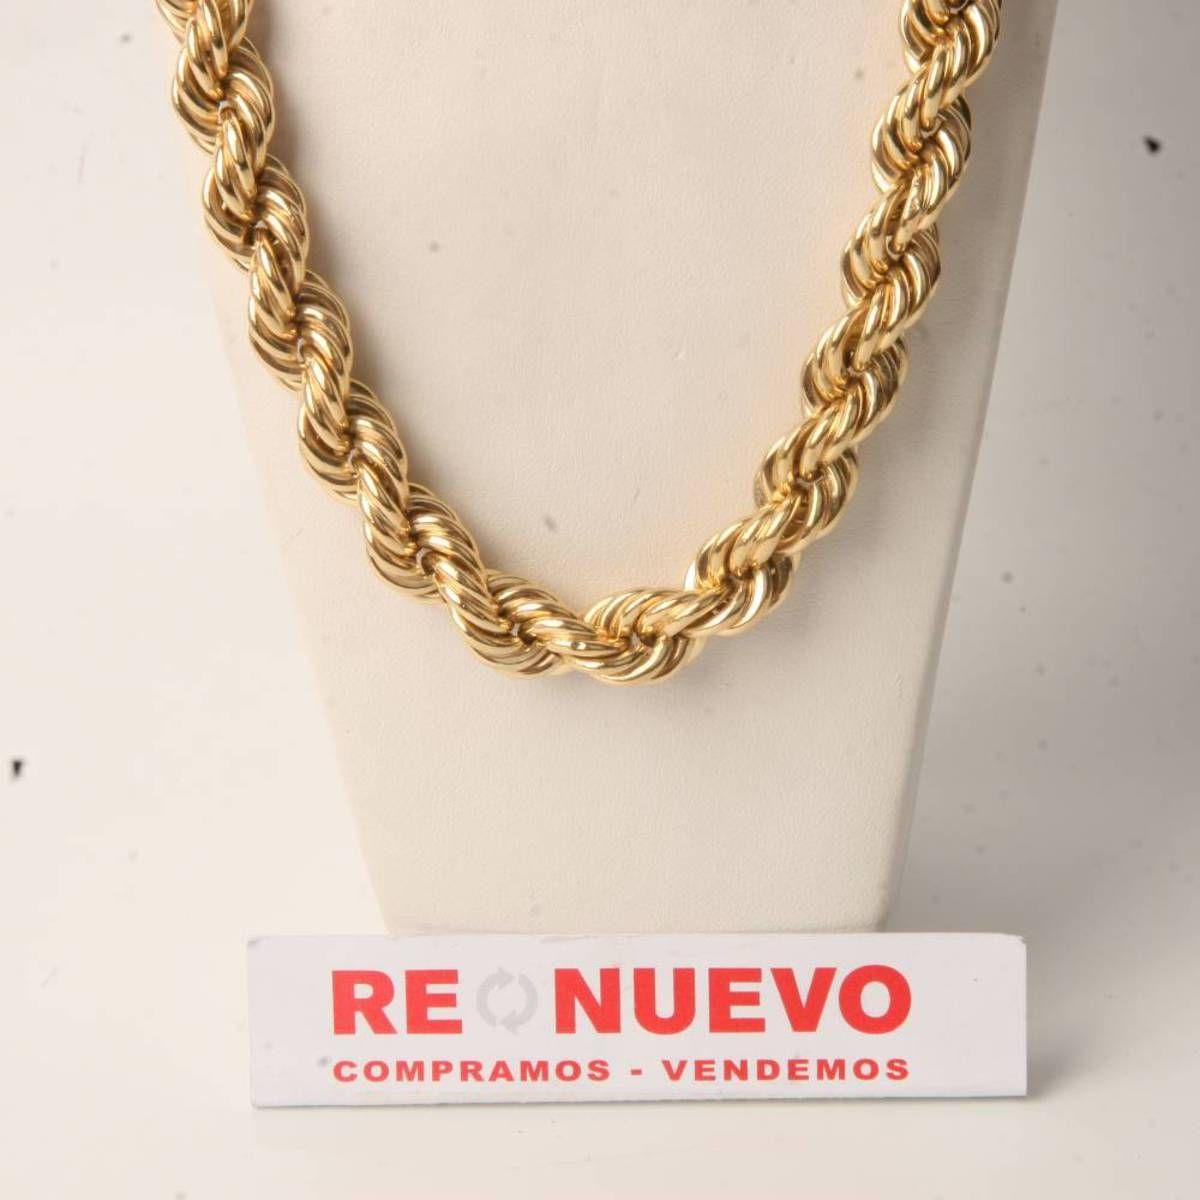 7601142a5c6e Cordón de segunda mano de oro de primera ley E278258A